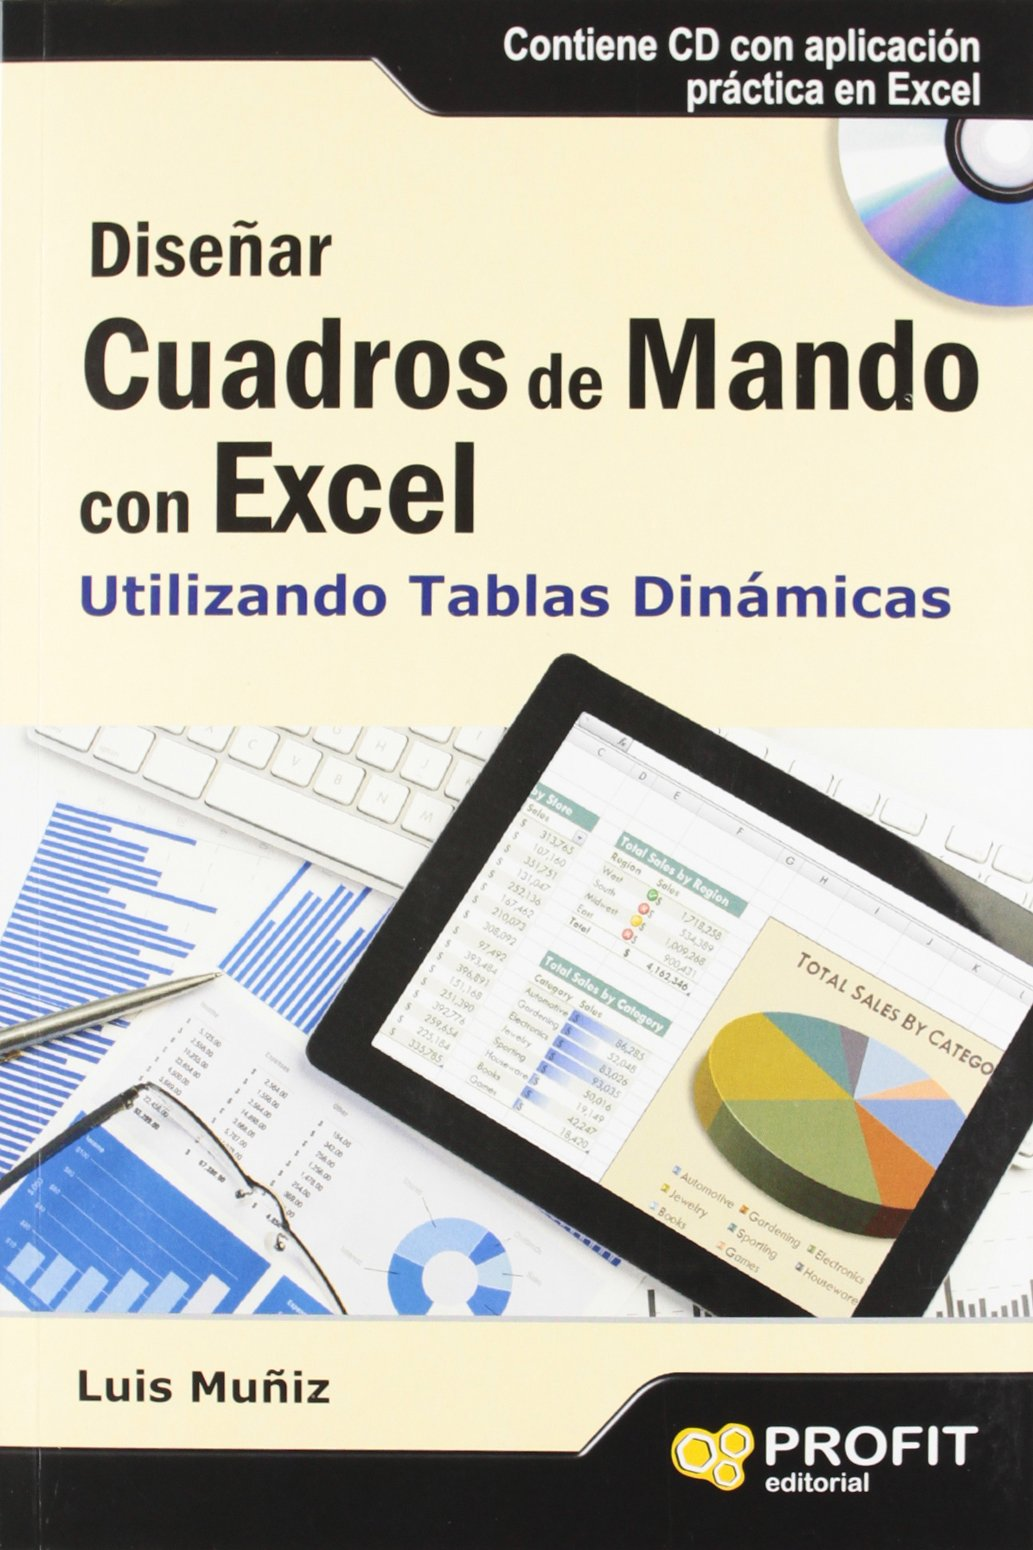 Diseñar cuadros en Mando con Excel: Luís Muñiz: Amazon.com.mx: Libros